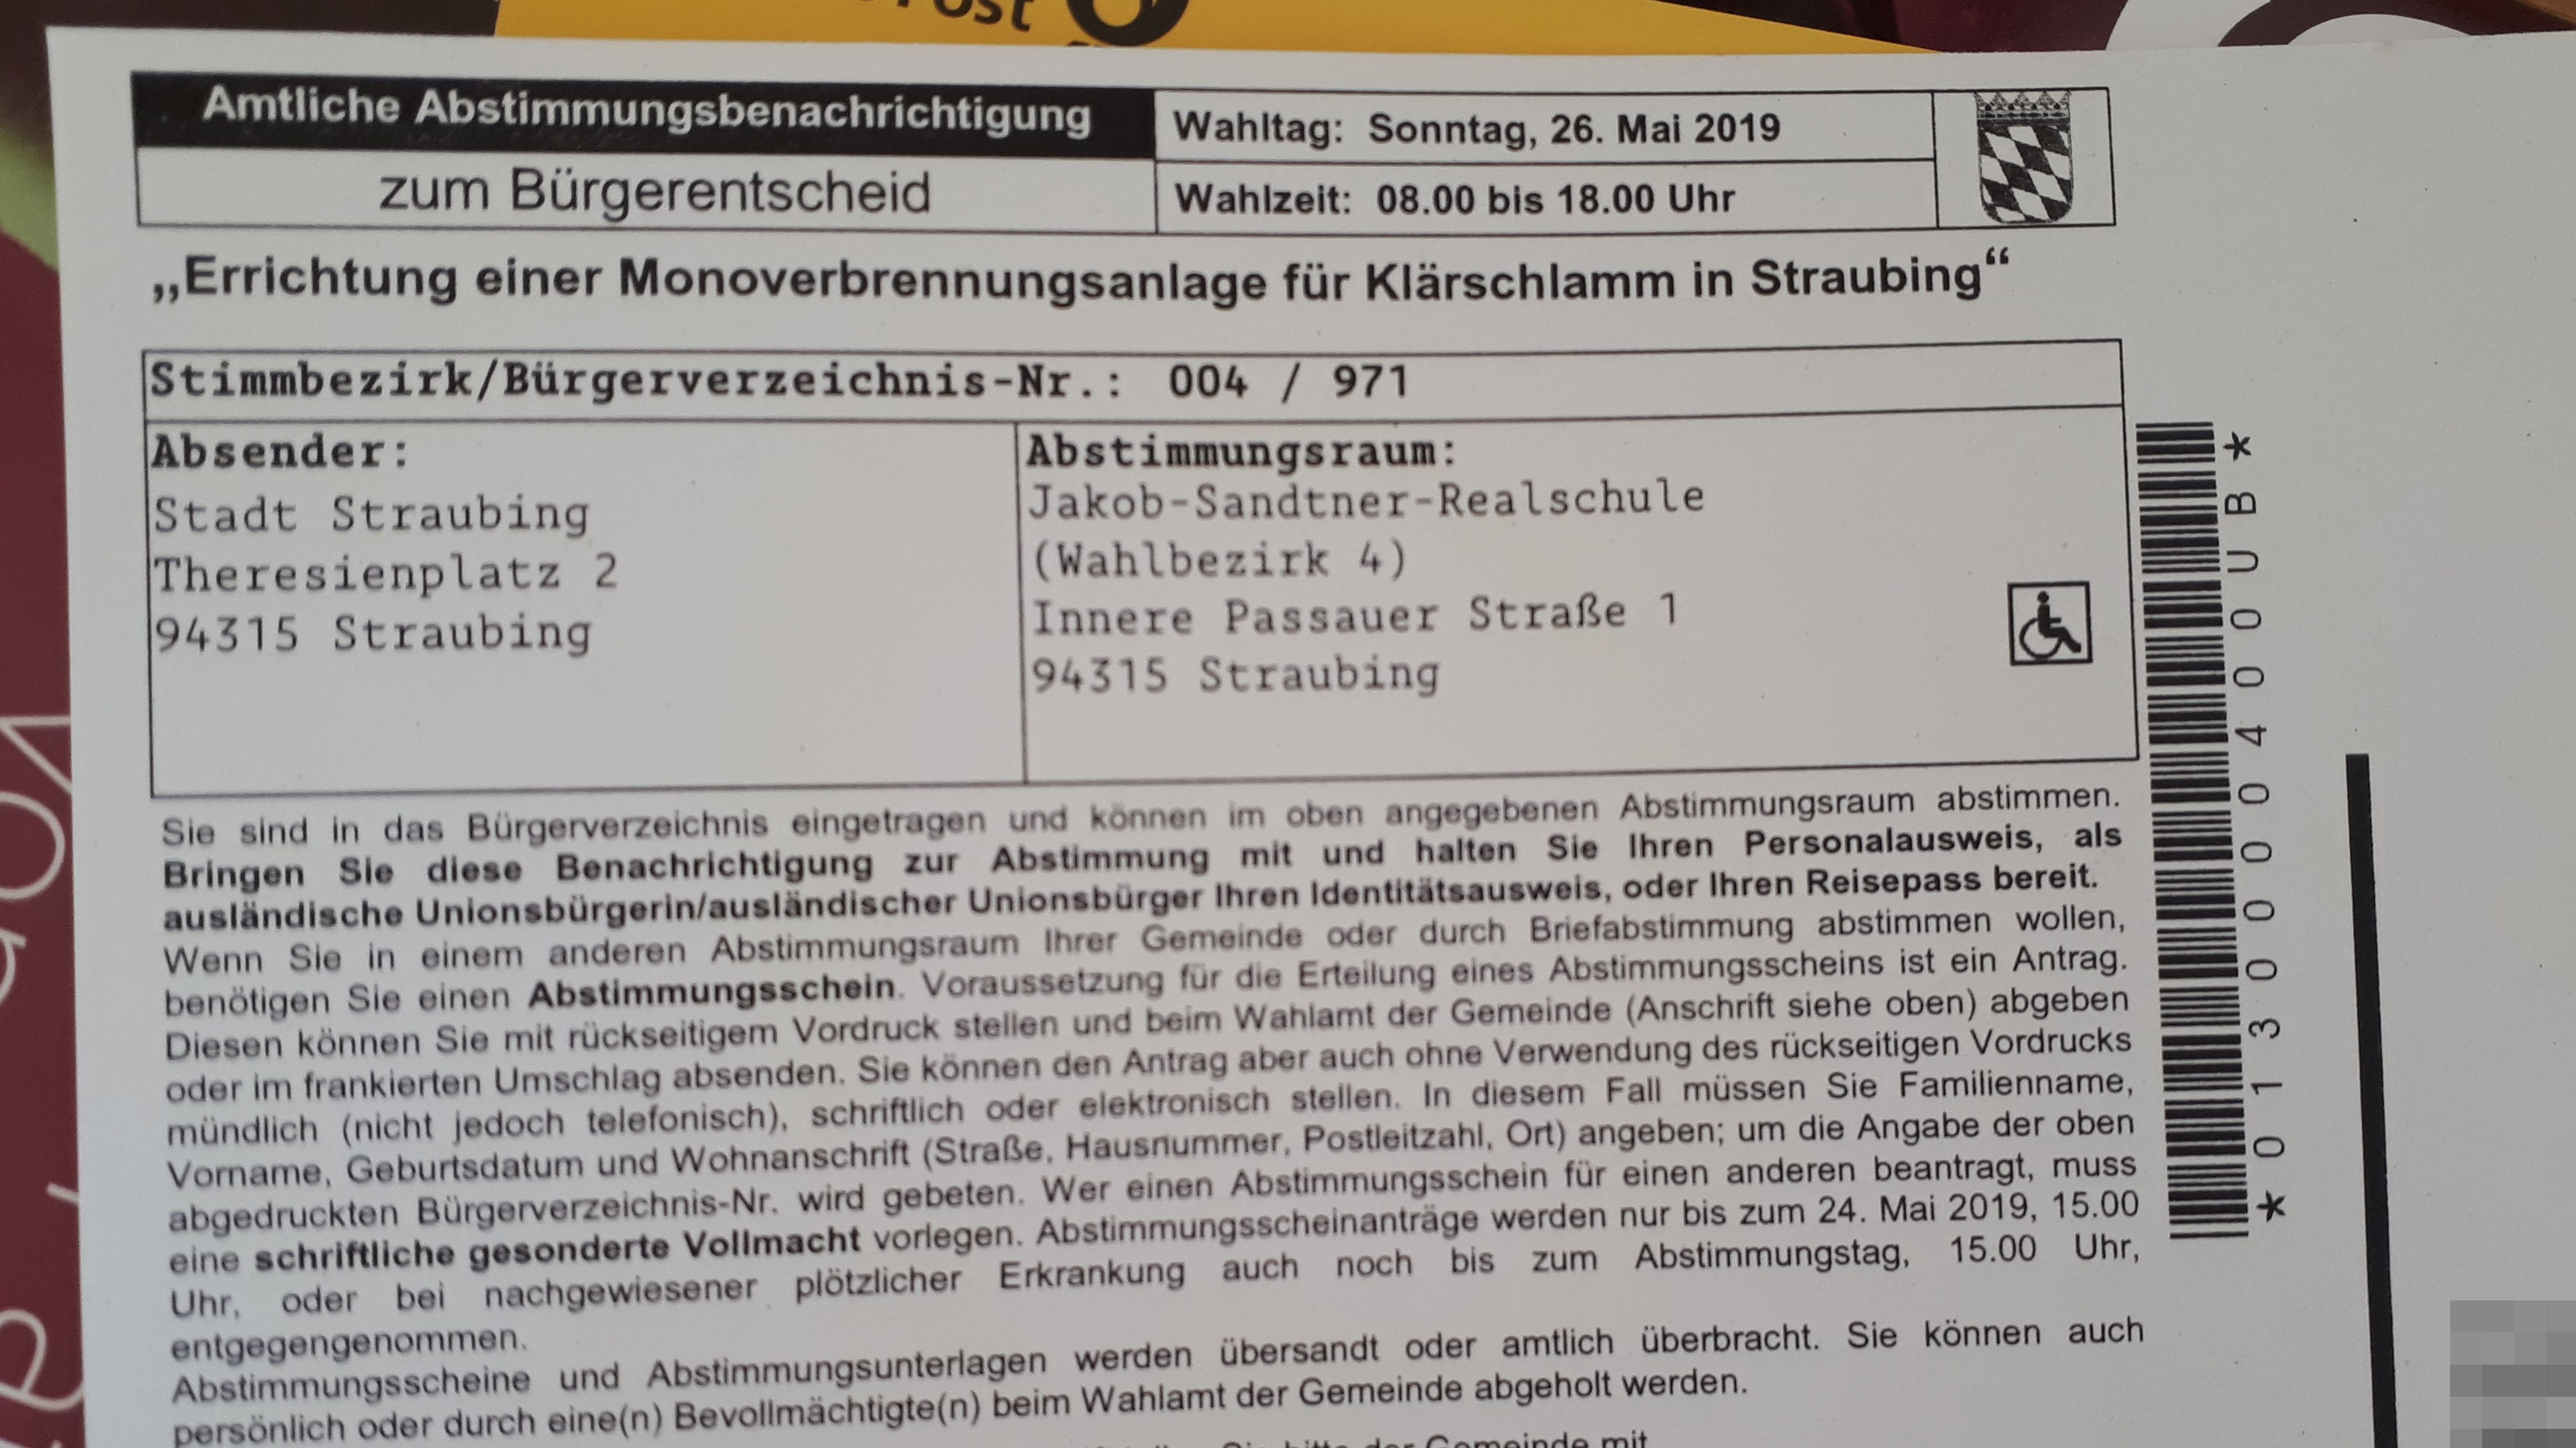 Abstimmungsbenachrichtigung zum Bürgerentscheid in Straubing.